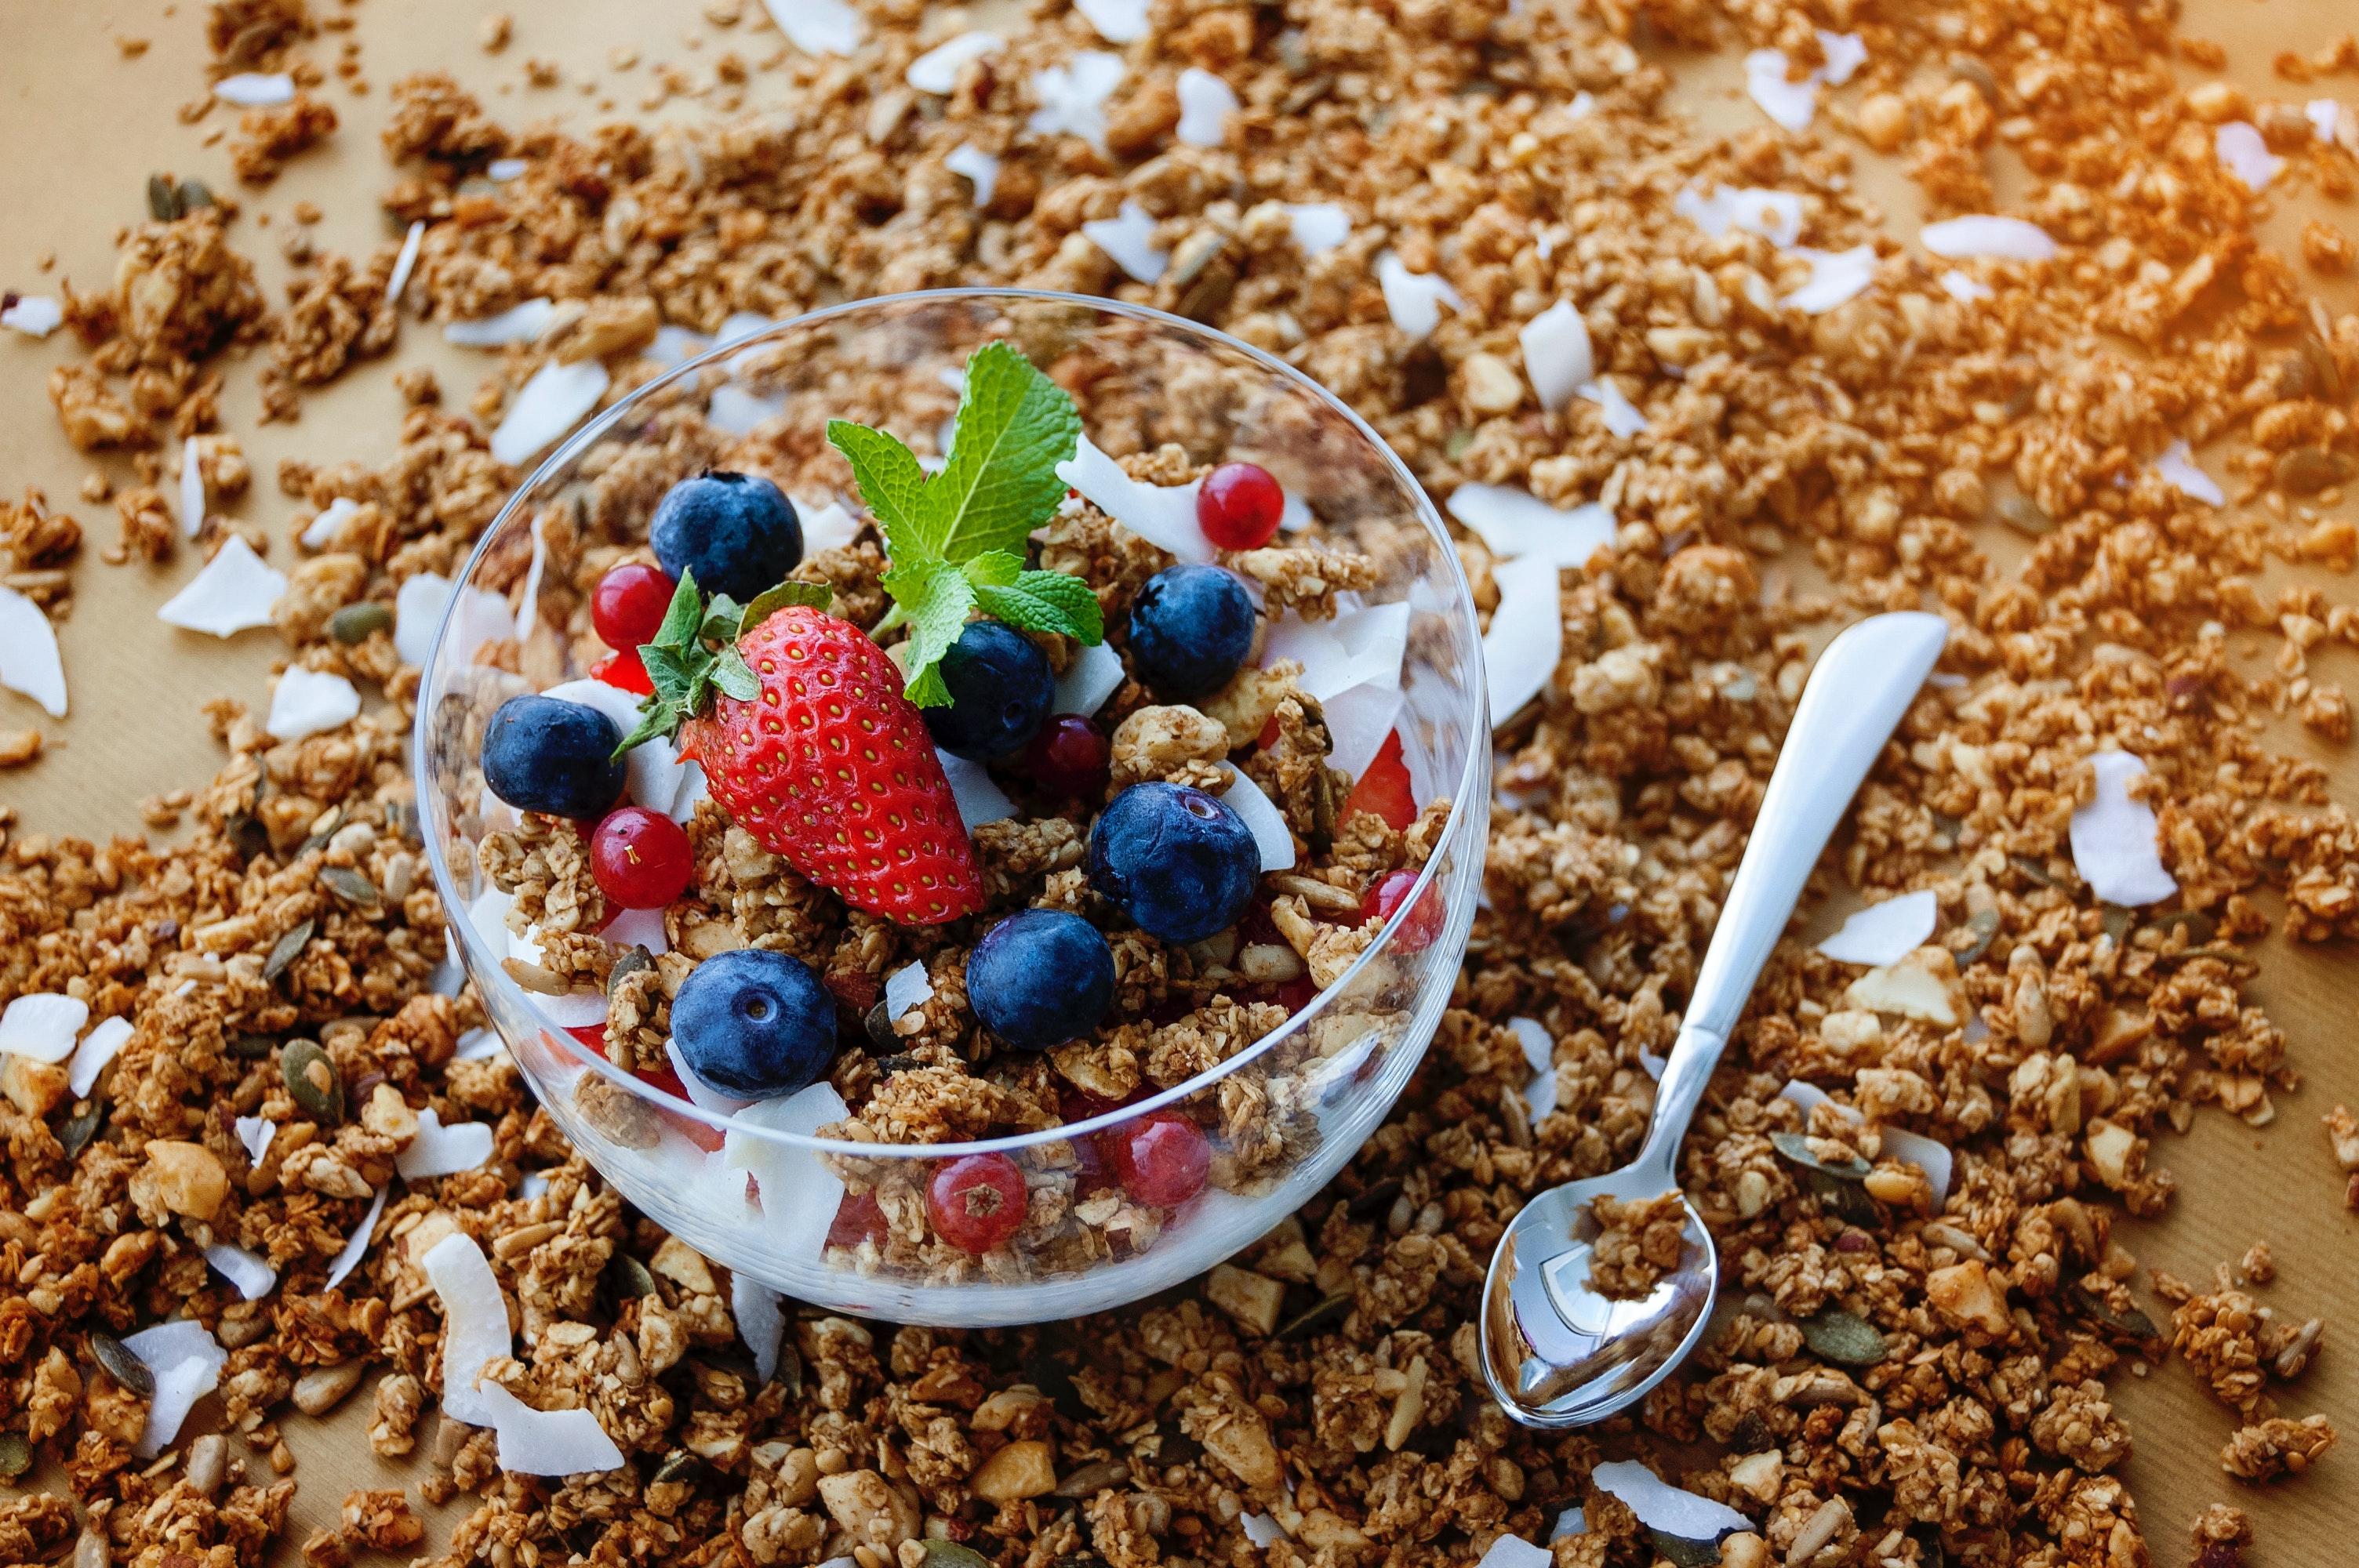 cukorbeteg diéta, cukorbetegség, étrend, diabétesz